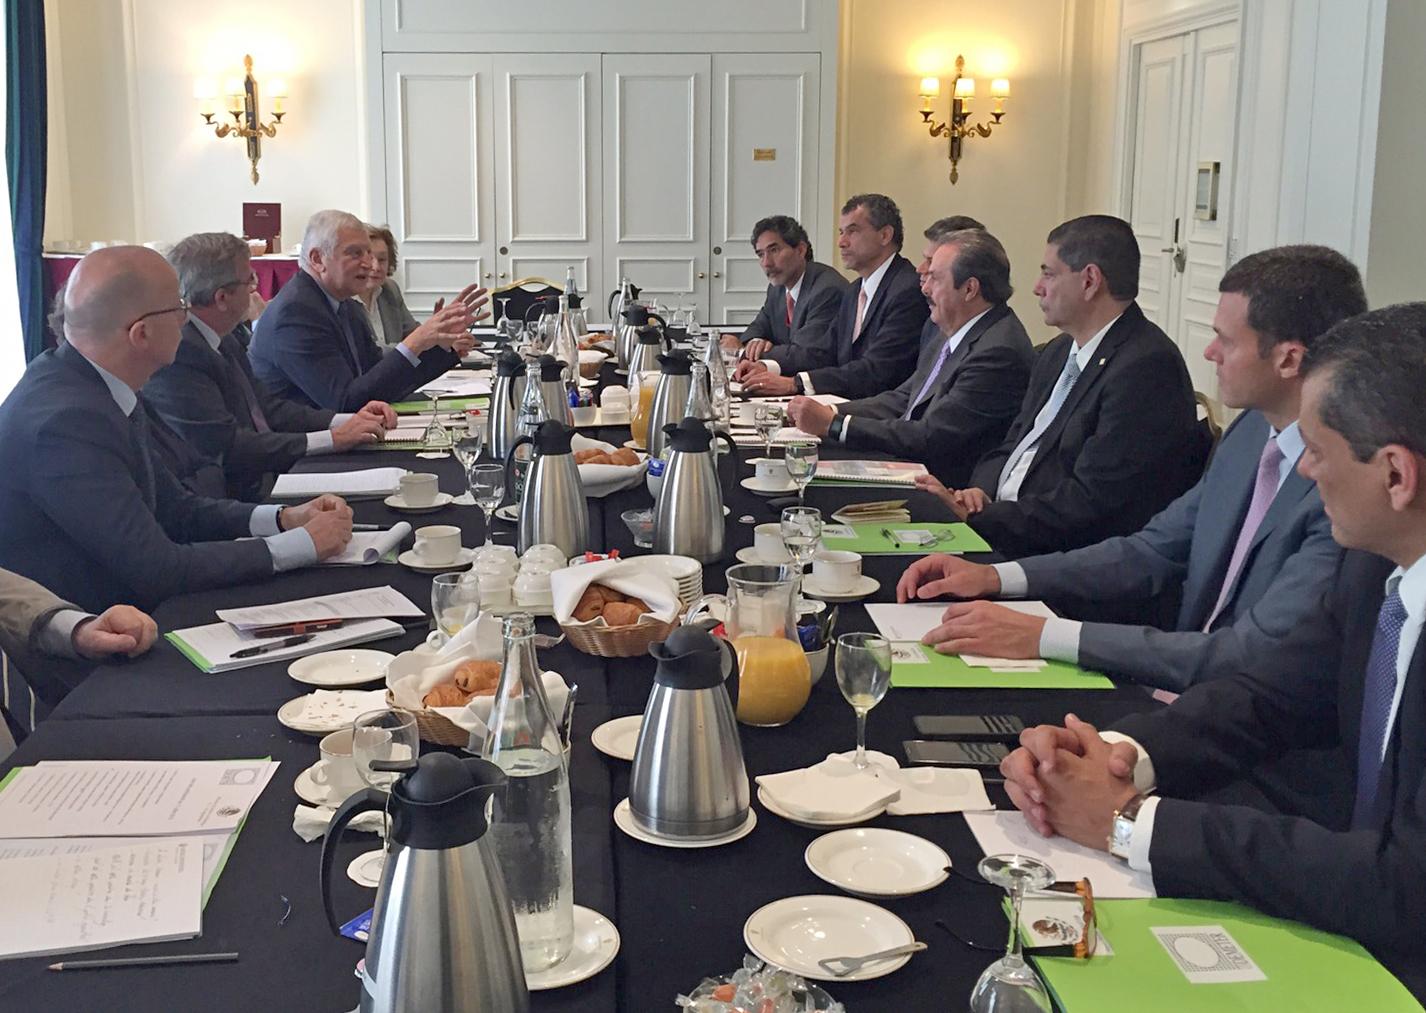 El secretario Enrique Martínez y Martínez expuso los avances en el sector agroalimentario, así como el crecimiento en el ámbito primario en este encuentro organizado por la Business France, al cual acudieron representantes de 40 empresas francesas.